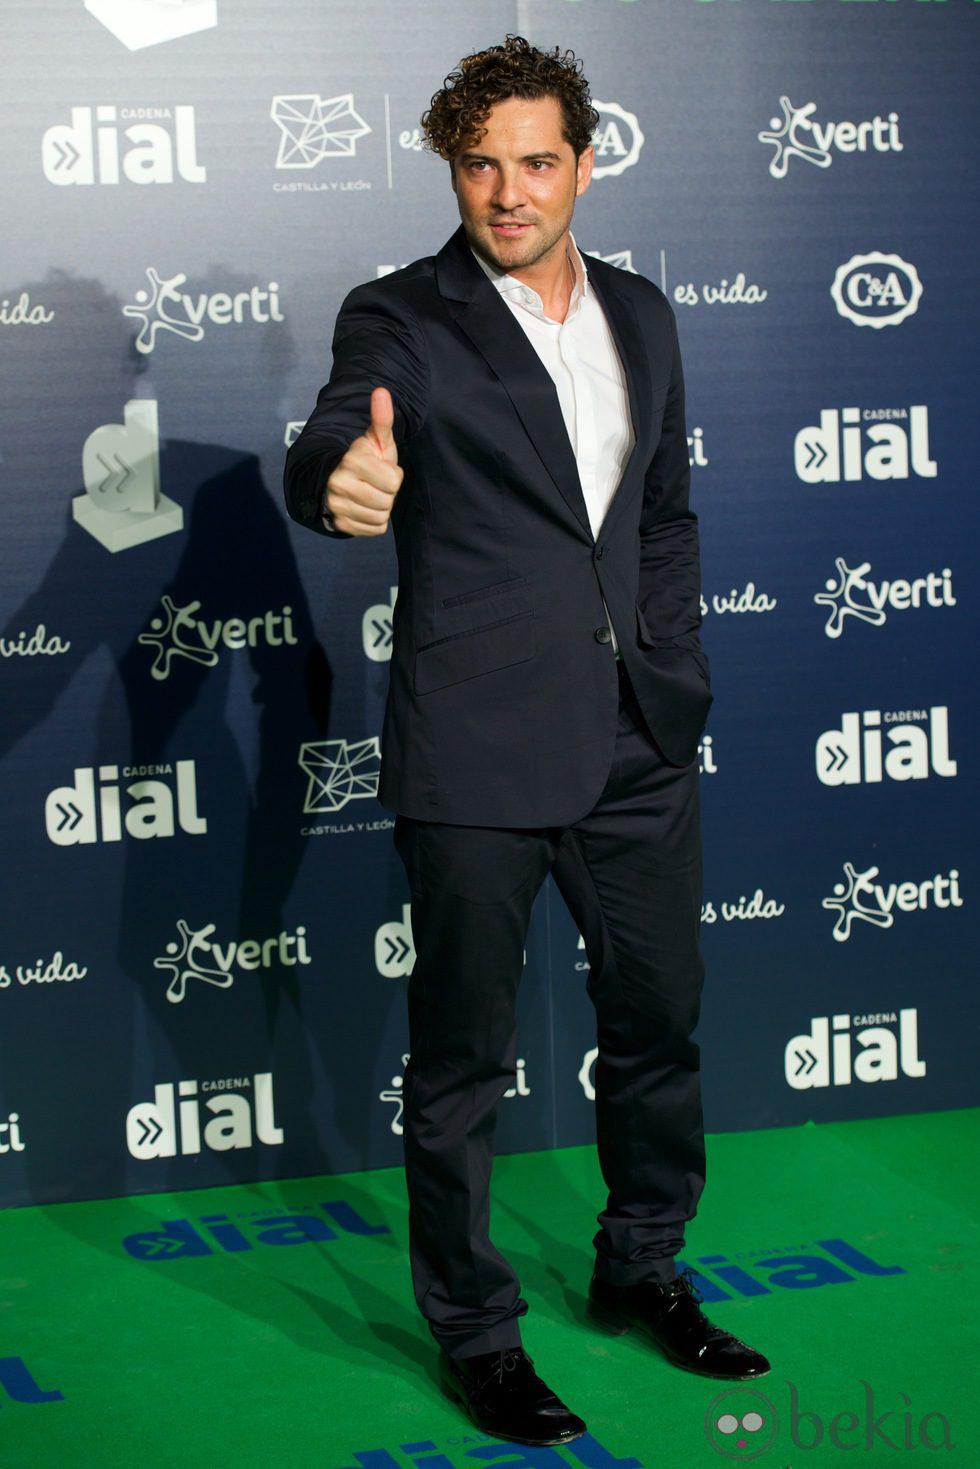 David Bisbal en los Premios Cadena Dial 2013